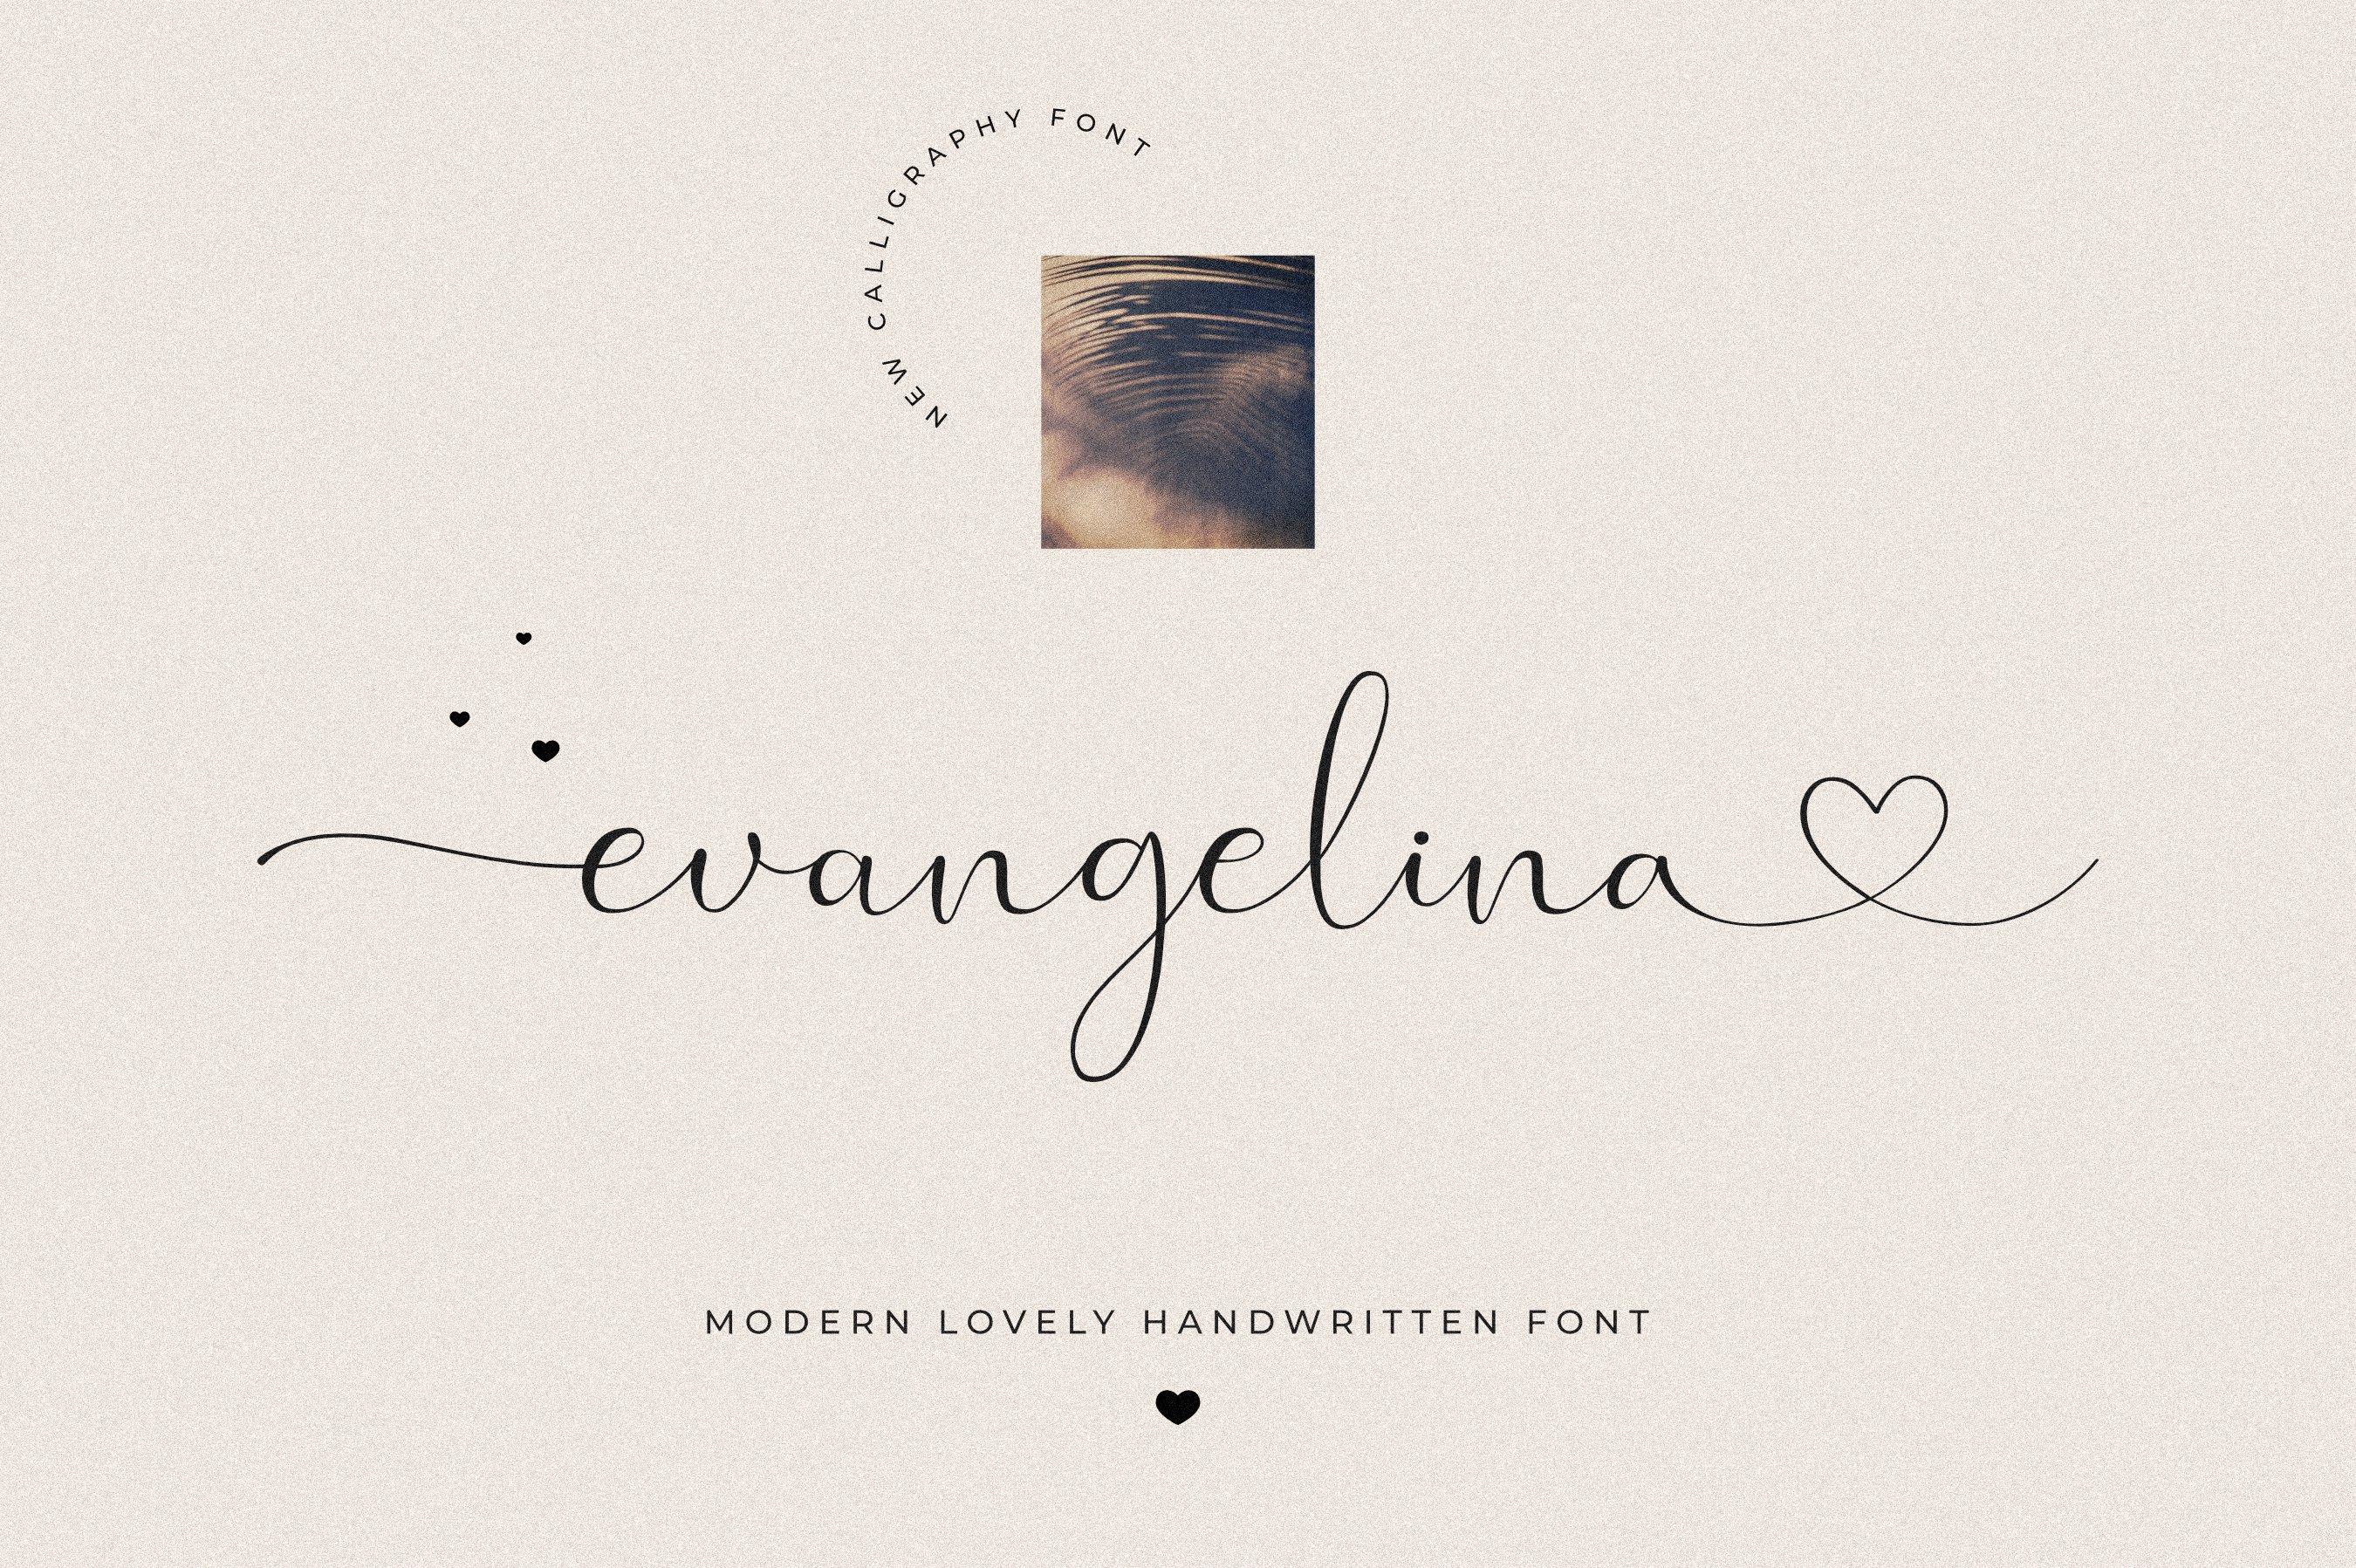 现代优雅品牌徽标Logo手写英文字体设计素材 Evangelina Font插图